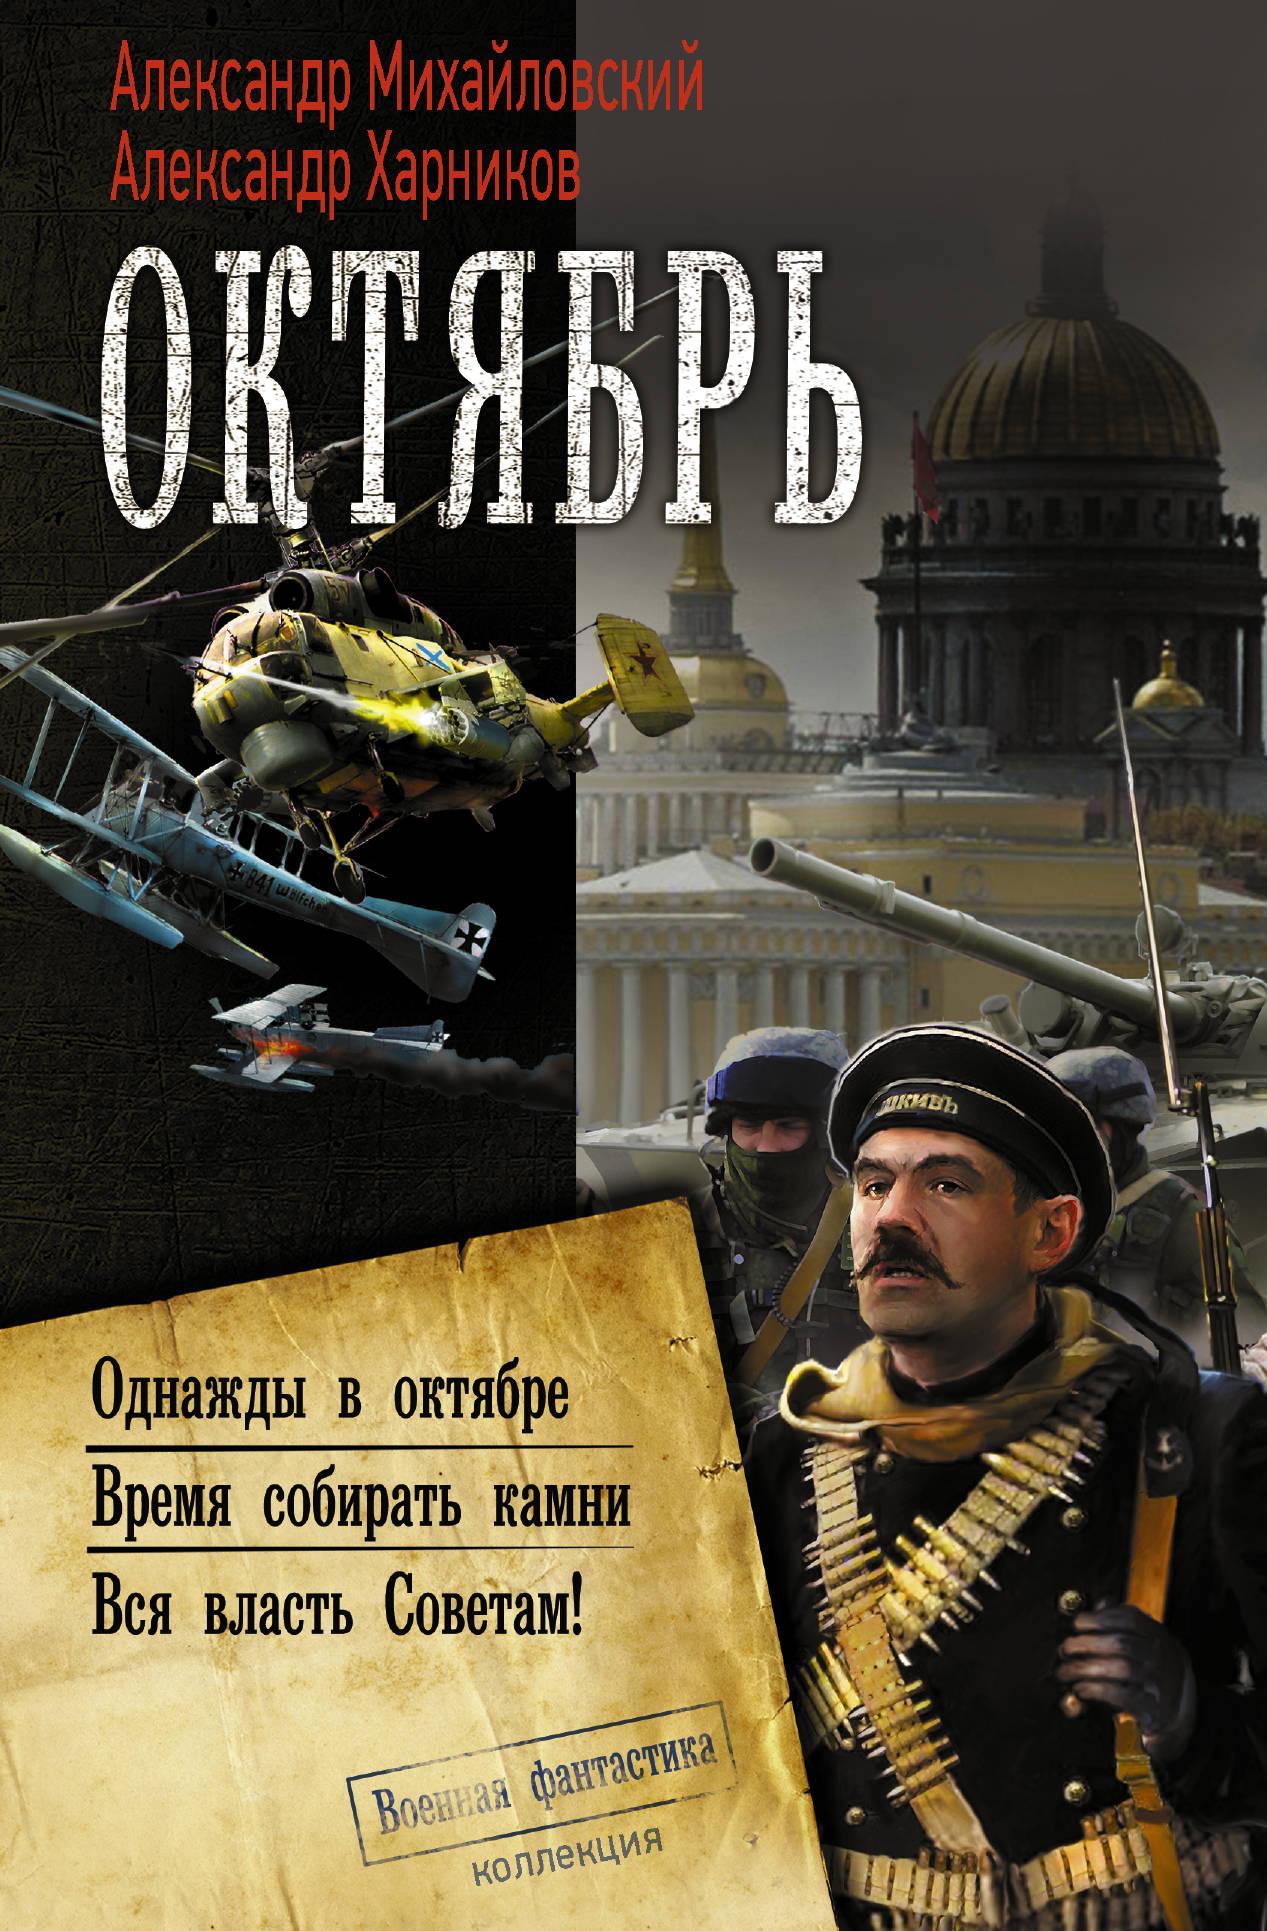 Михайловский А.Б., Харников А.П. Октябрь